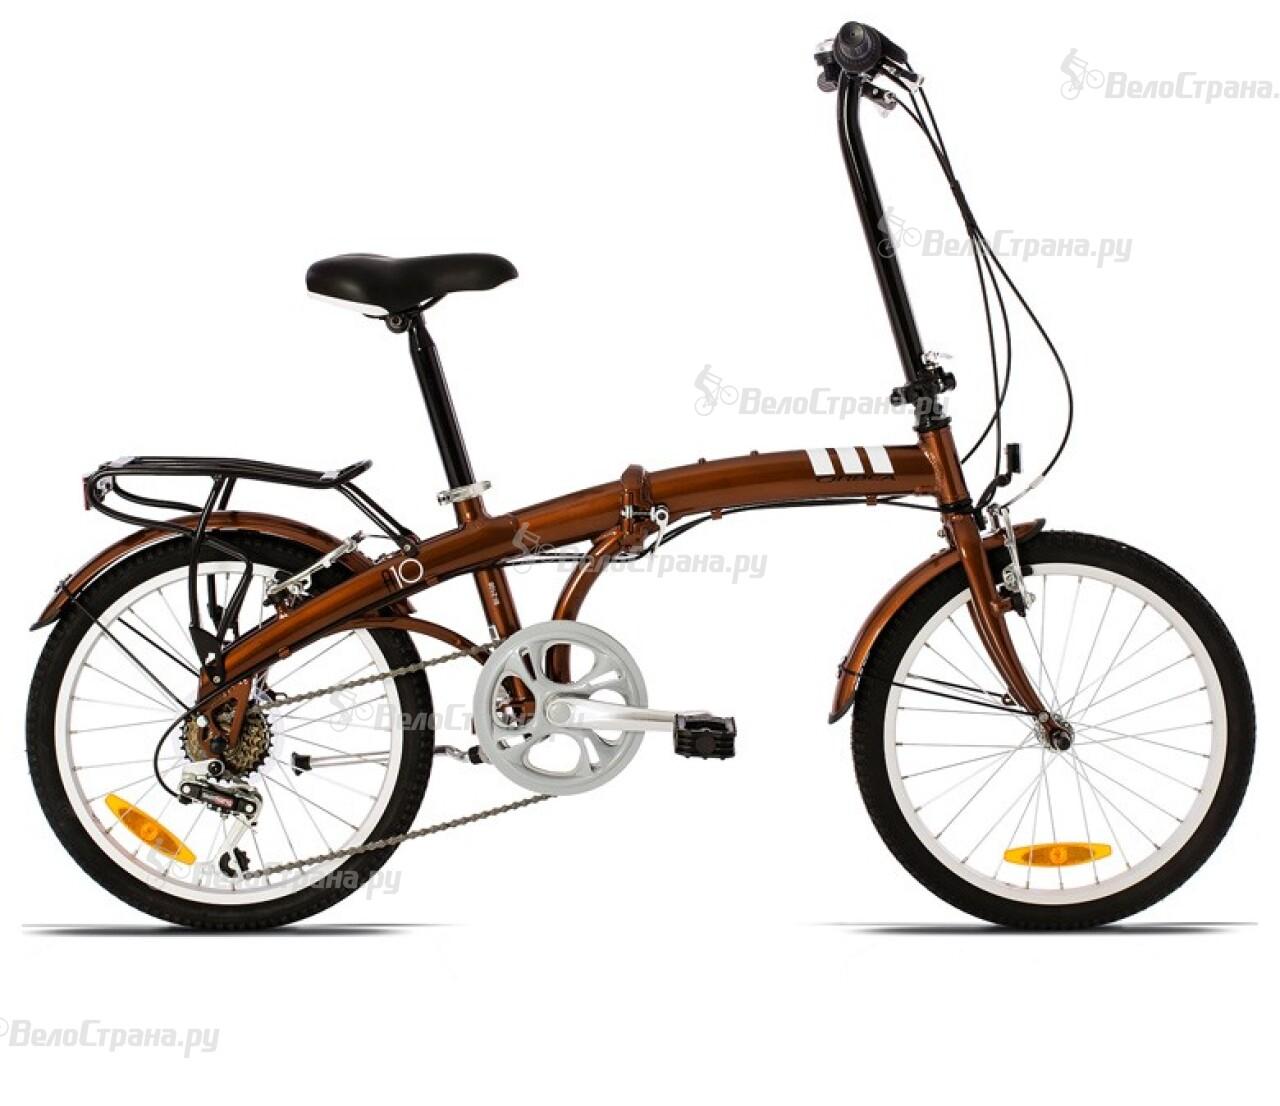 Велосипед Orbea Folding A10 (2013)